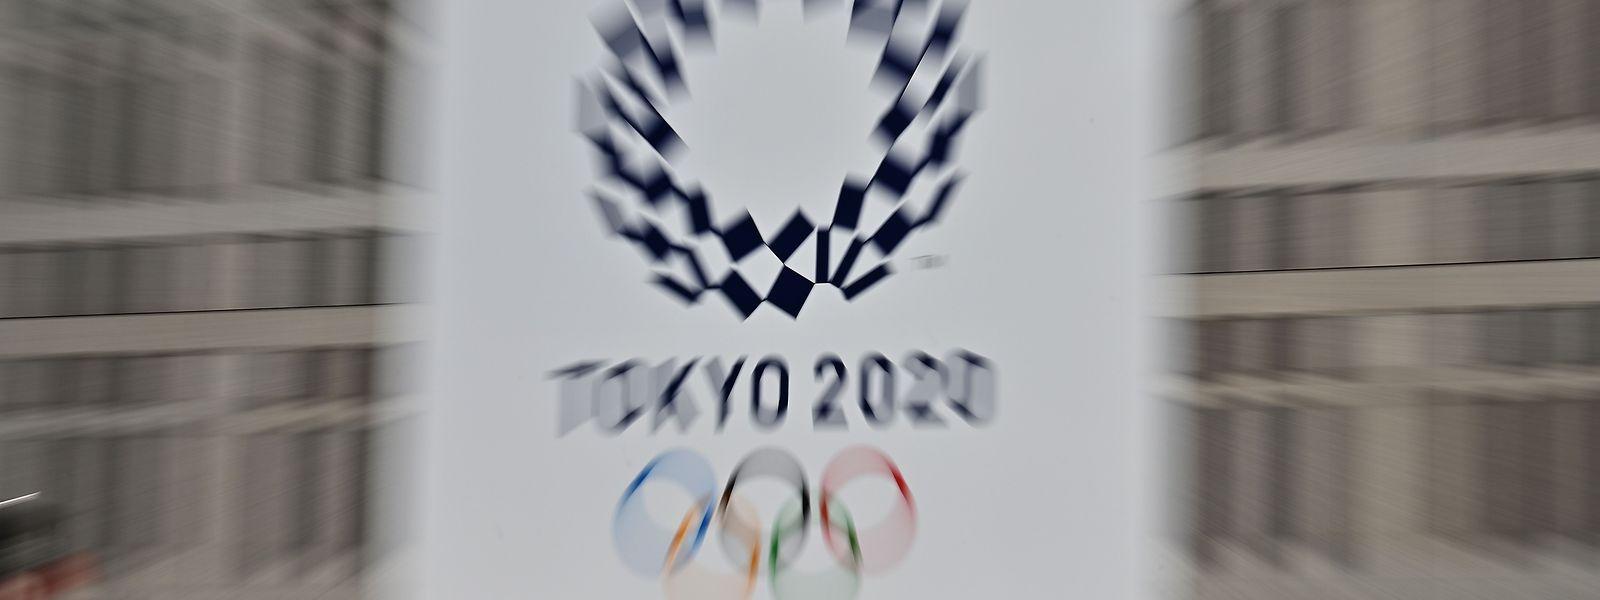 Les Jeux de Tokyo 2020 restent dans le flou artistique